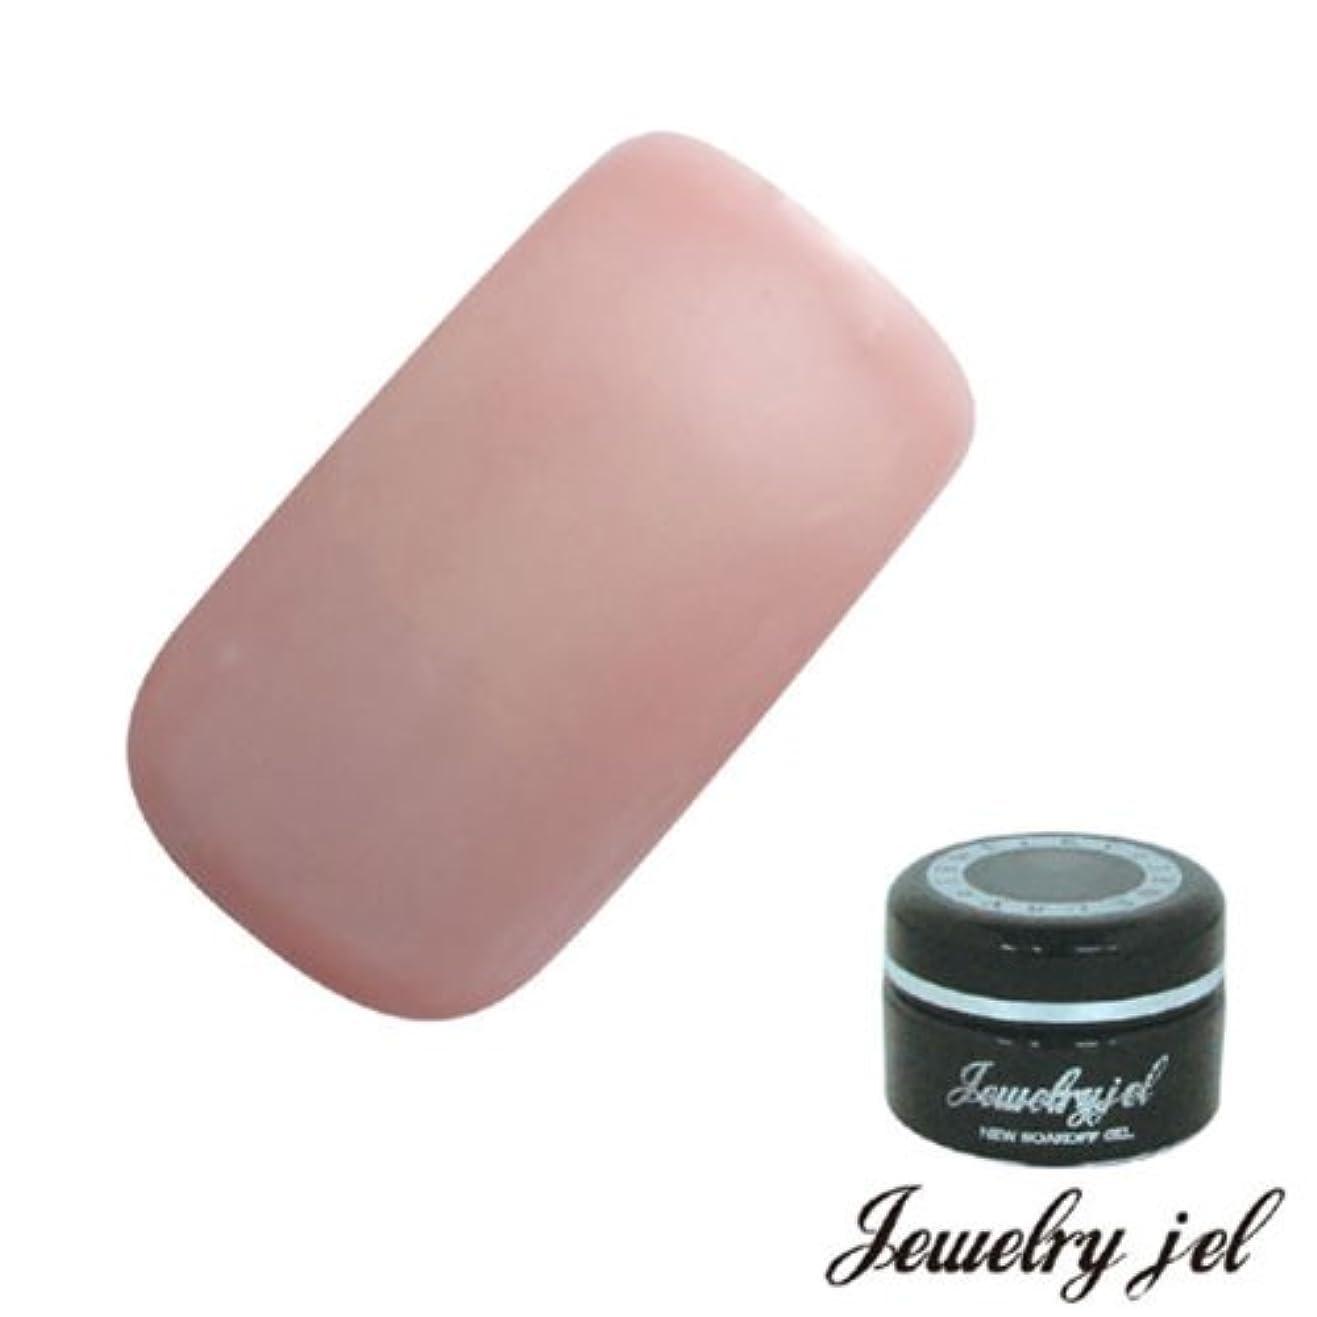 登録現実には農夫ジュエリージェル ジェルネイル カラージェル OP103 3.5g ピンク シアーマット UV/LED対応  ソークオフジェル ナチュラルピンク